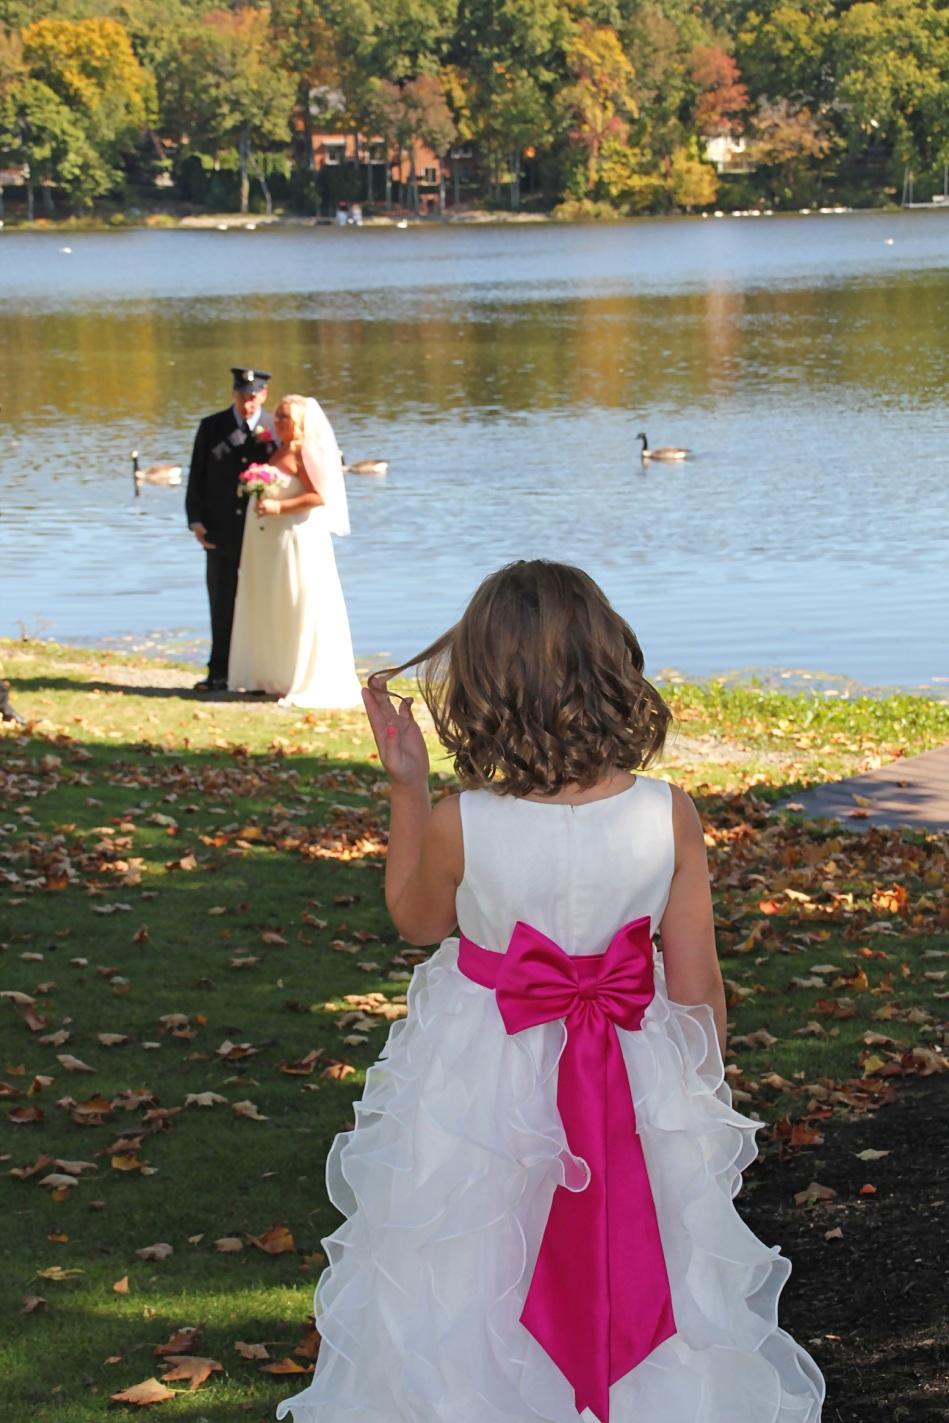 #justmarried, #njwedding, #apicturesquememoryphotography, #weddings, #firefighterwedding, #pomptonlakesnjwedding, #flowergirl, #weddingpictures